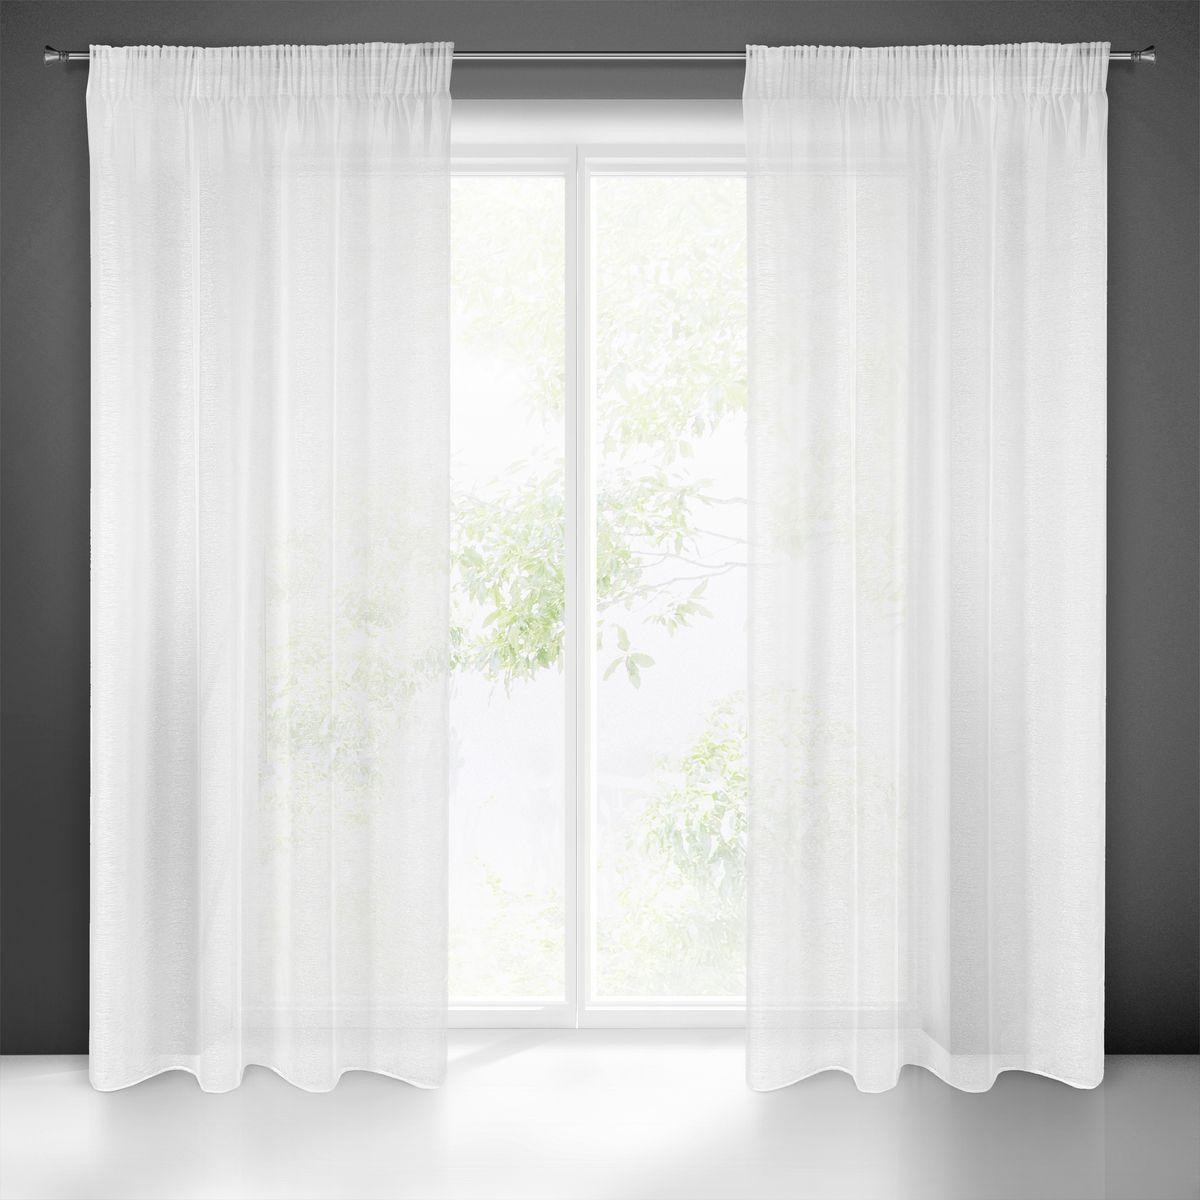 Dekorační dlouhá záclona s jemnou strukturou s řasící páskou ROMA bílá 140x250 cm (cena za 1 kus) MyBestHome